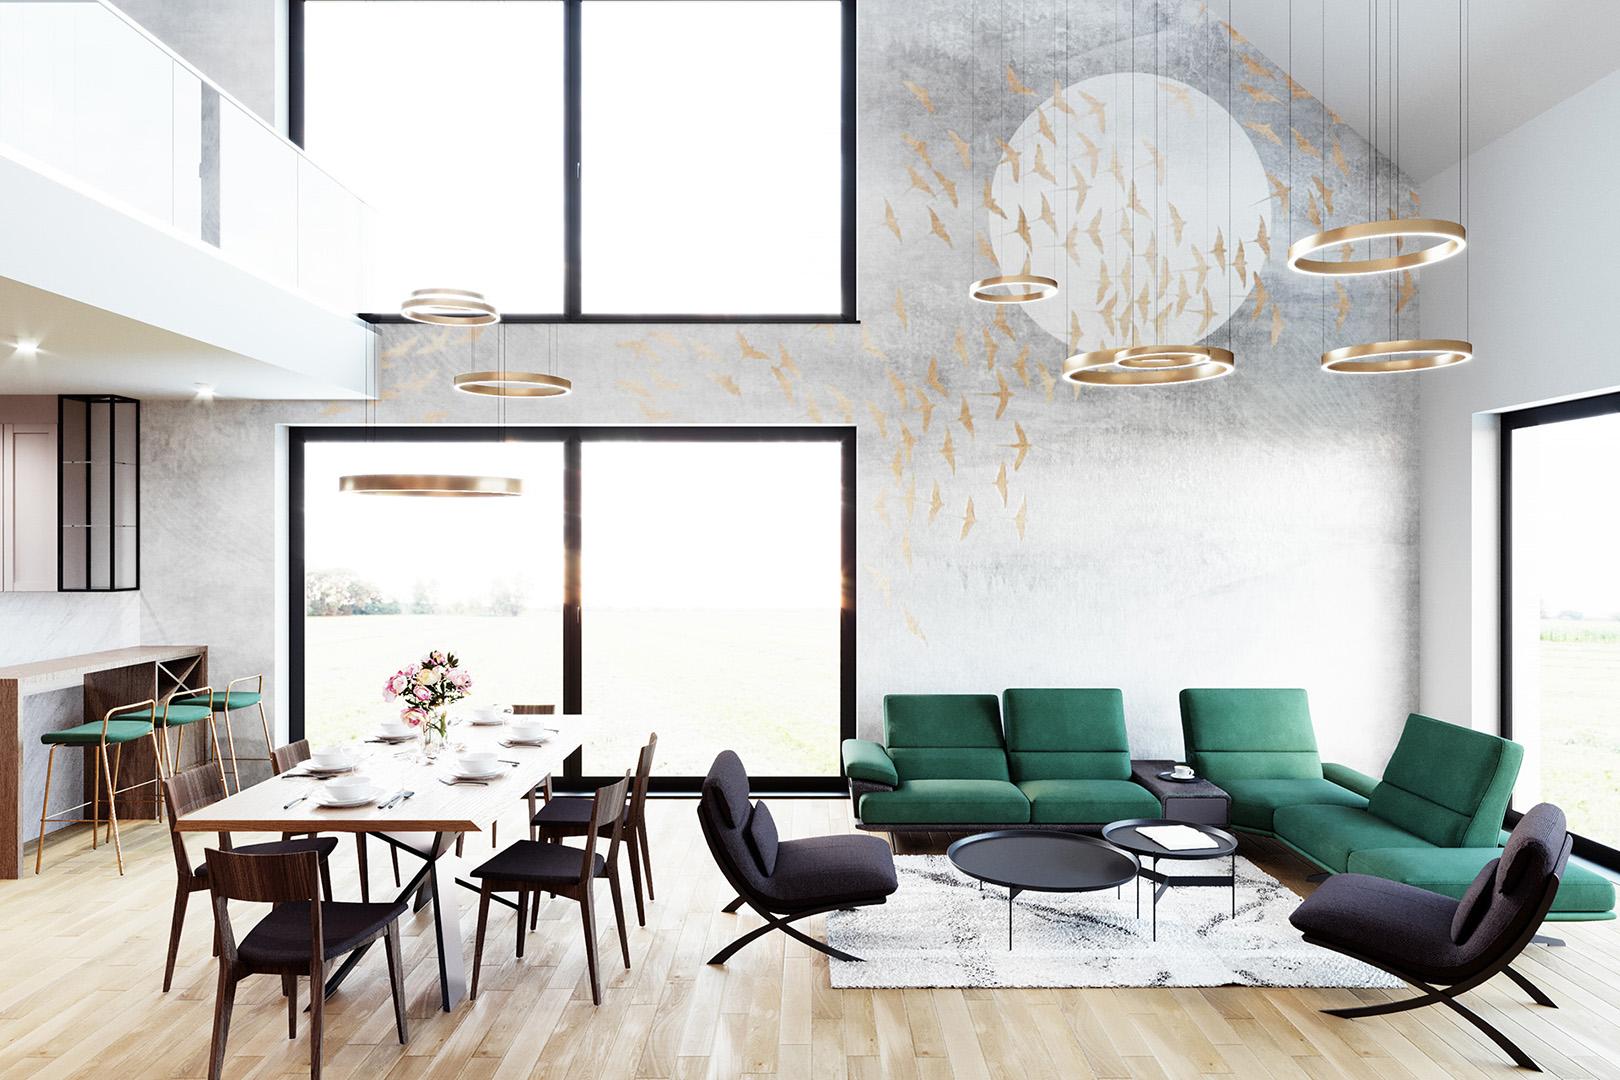 Projekt wnętrz domu jednorodzinnego. Widok na salon z wysokim sufitem. M2 Architektura Katowice - Pracownia Projektowa Katowice